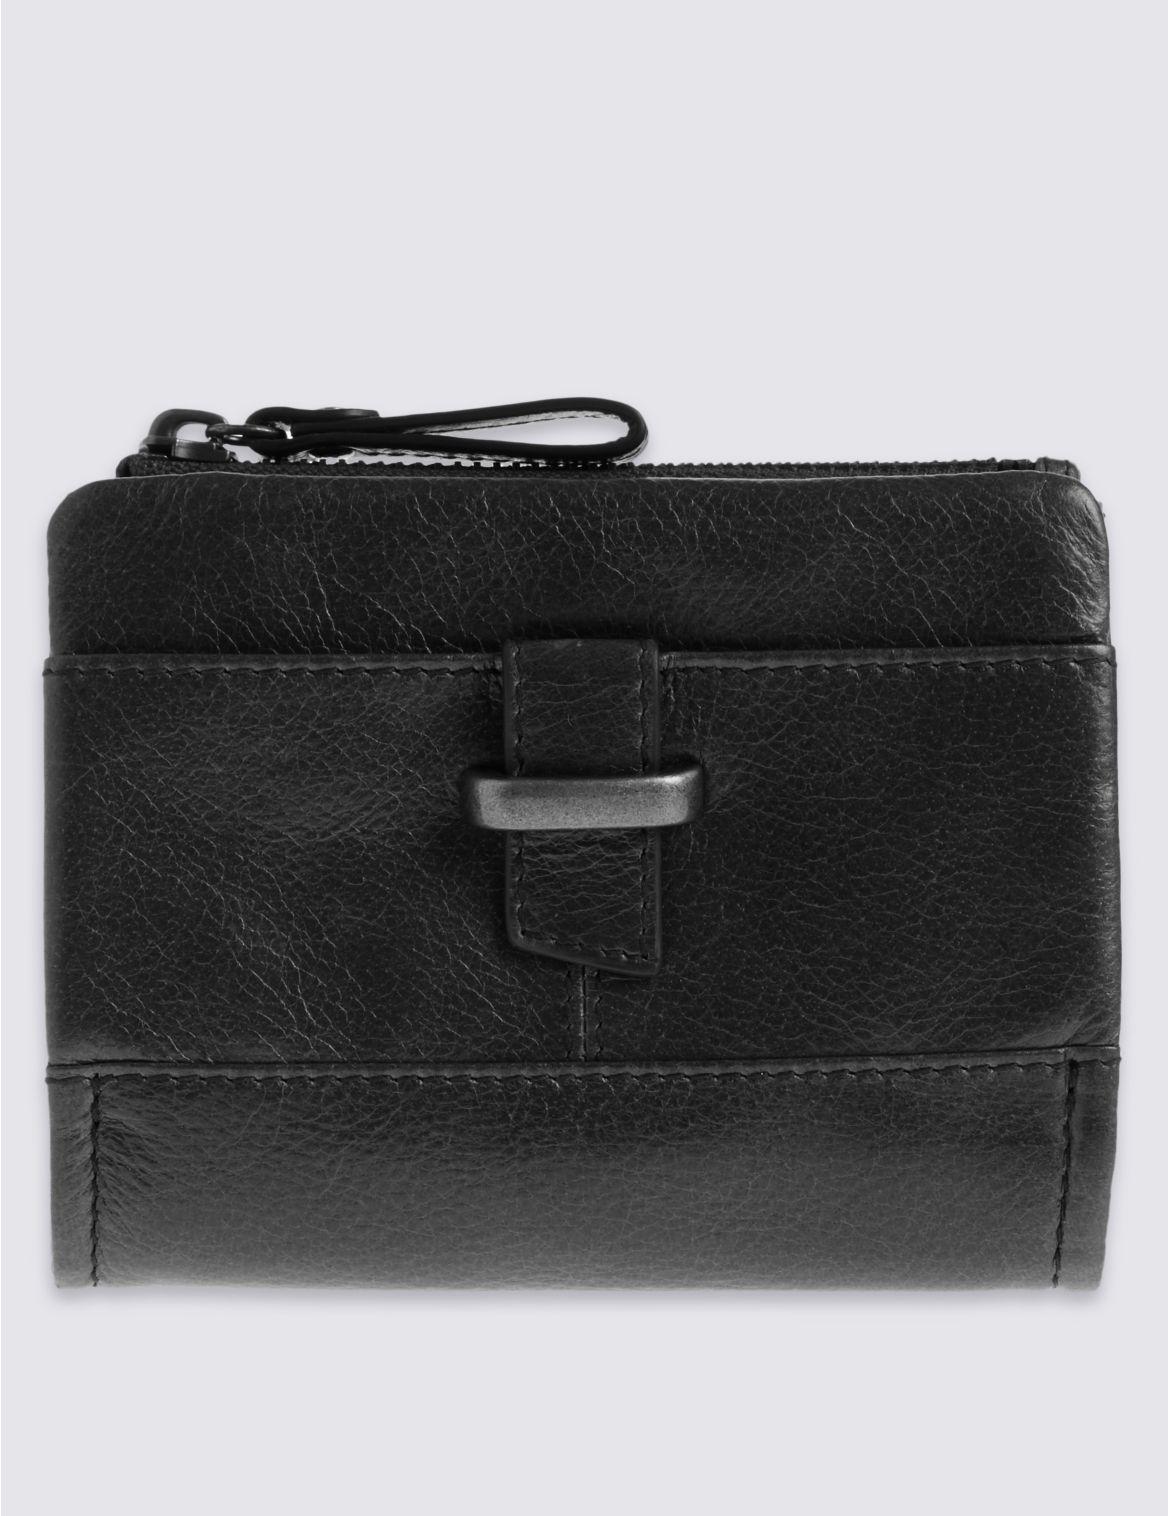 Porte-monnaie en cuir à rabat, doté de la technologie Cardsafe™